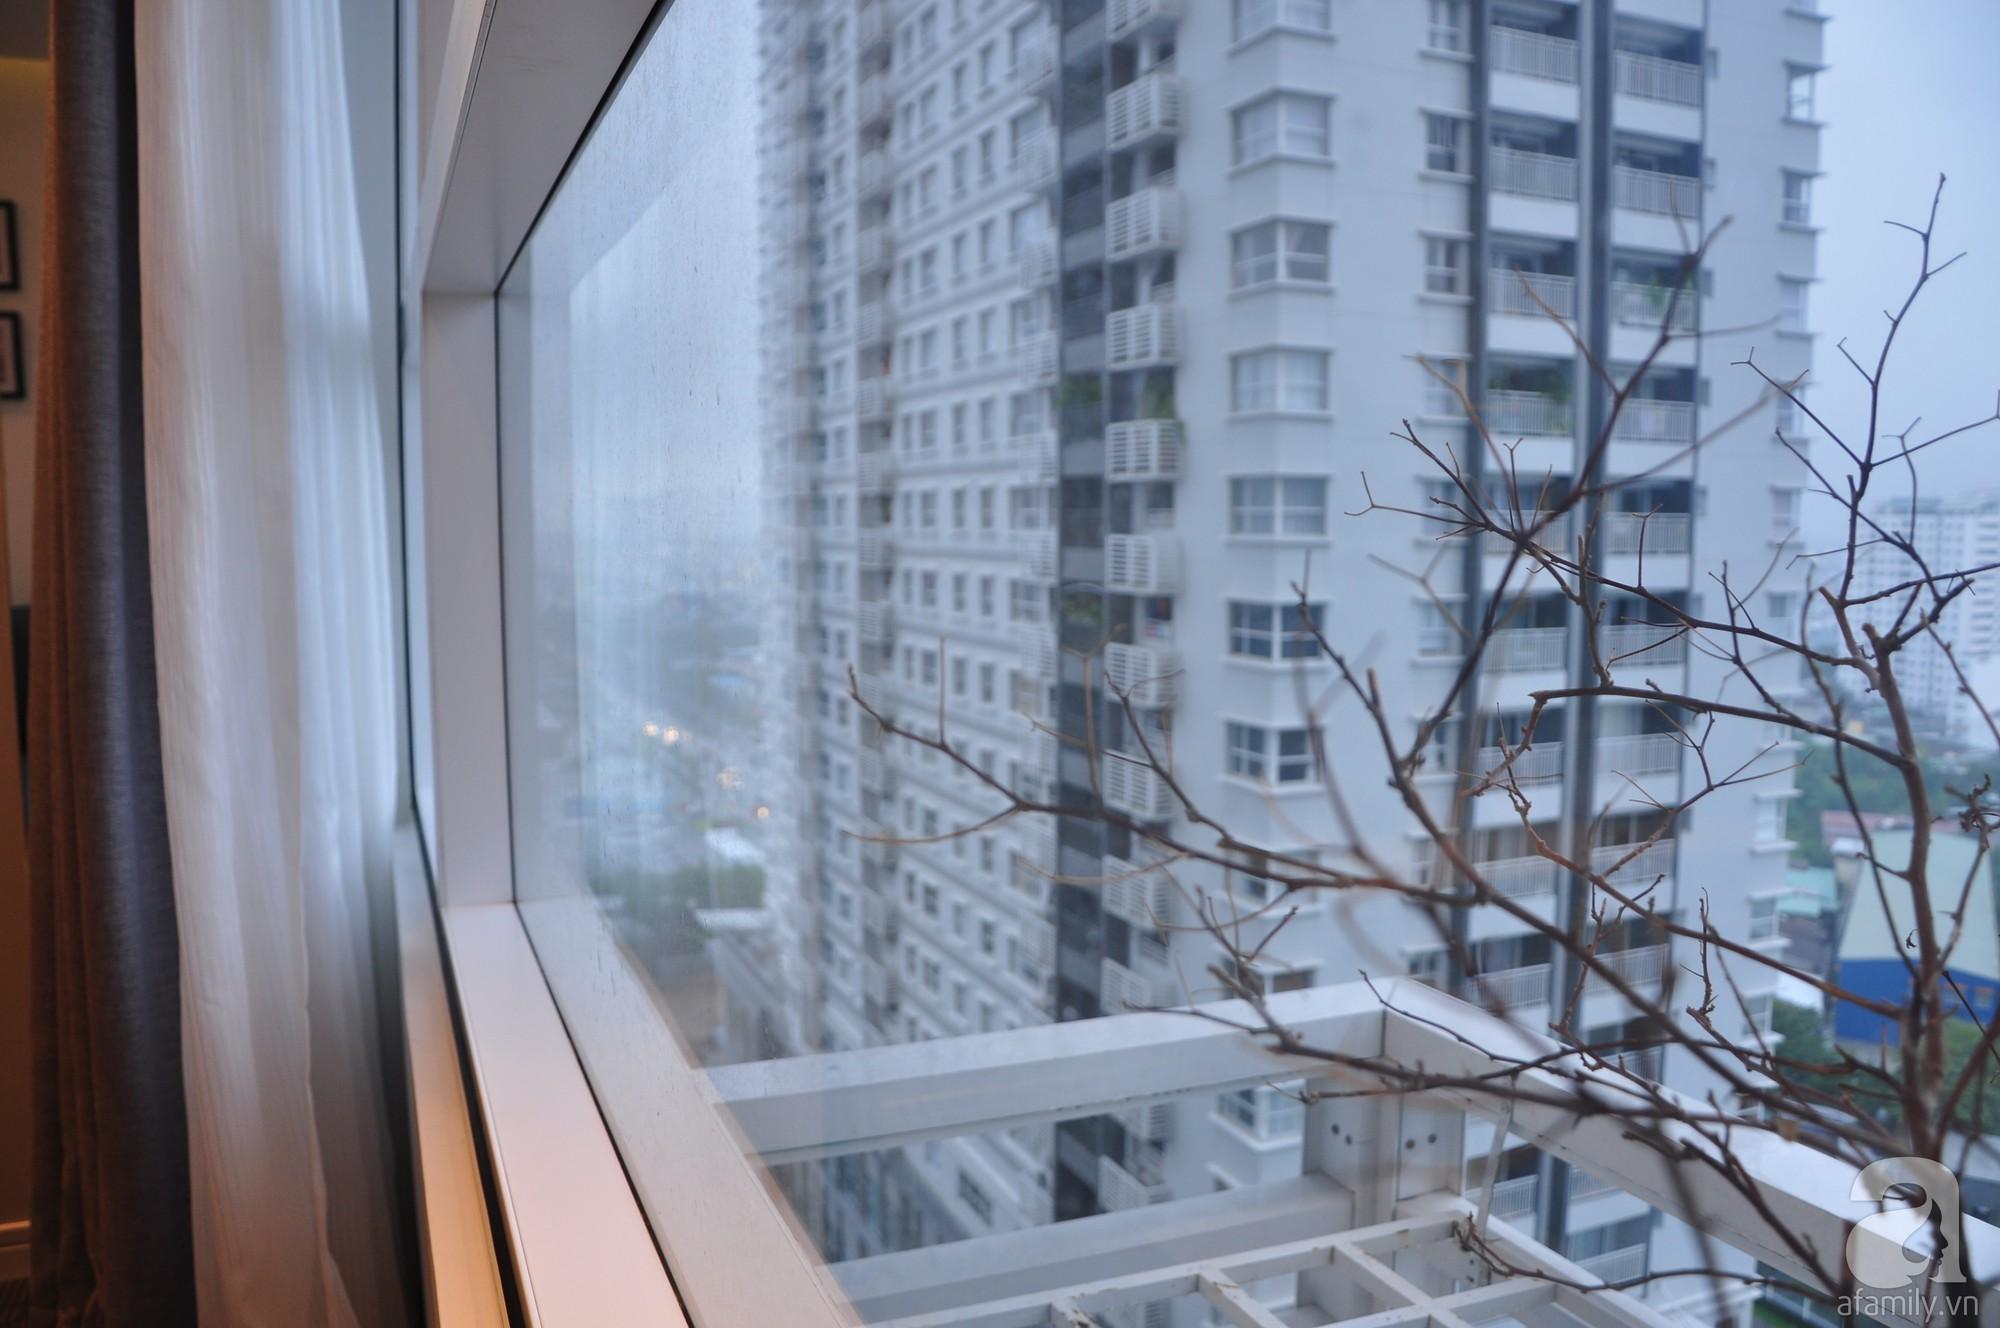 Căn hộ nhỏ 55m² ở quận 7, Sài Gòn nổi bật phong cách tận hưởng cuộc sống do anh chàng độc thân tự tay bố trí nội thất - Ảnh 3.